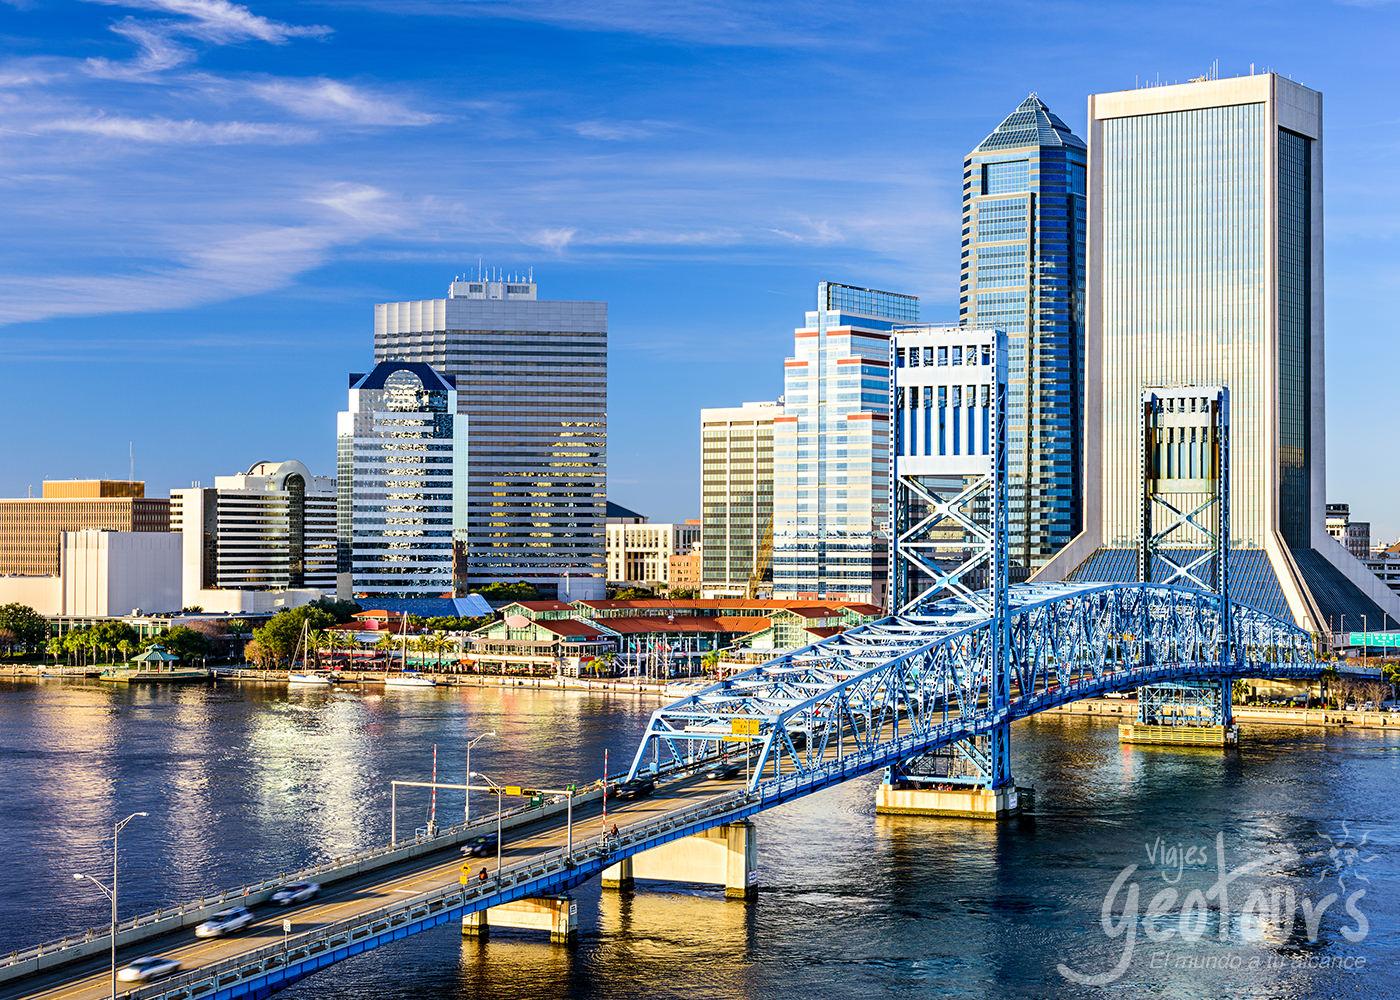 Viajes Encantos de la Florida 8 dias